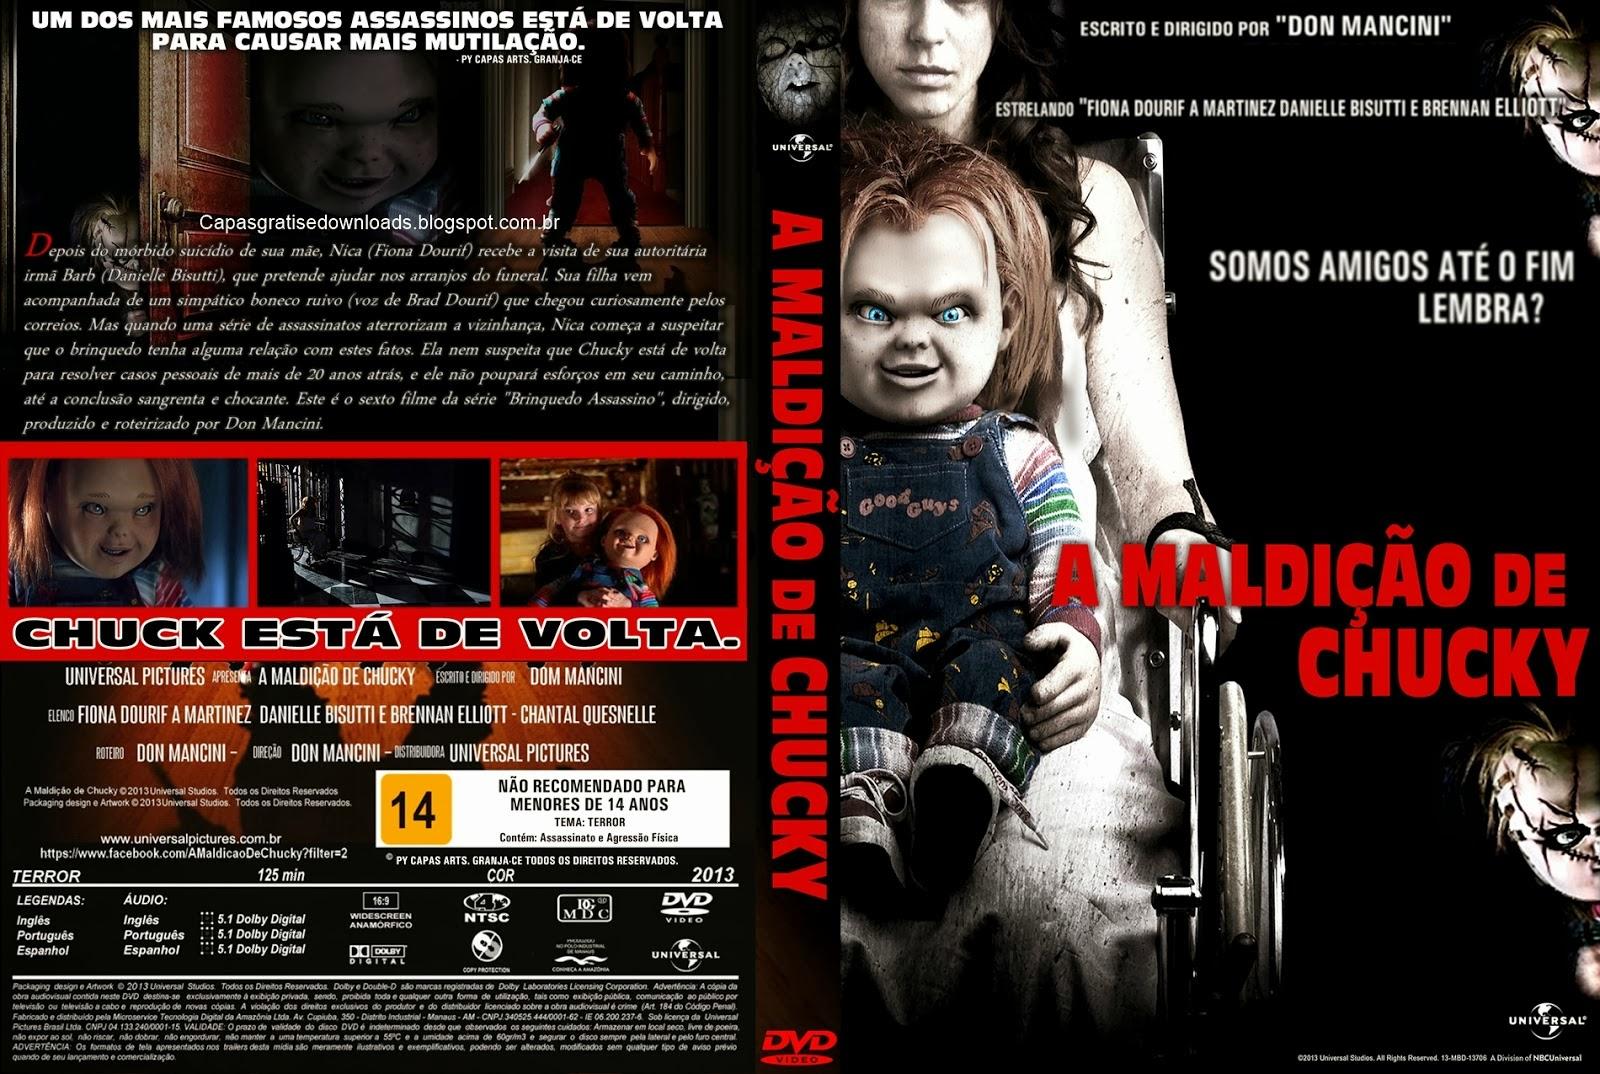 A Maldição de Chucky DVD Capa